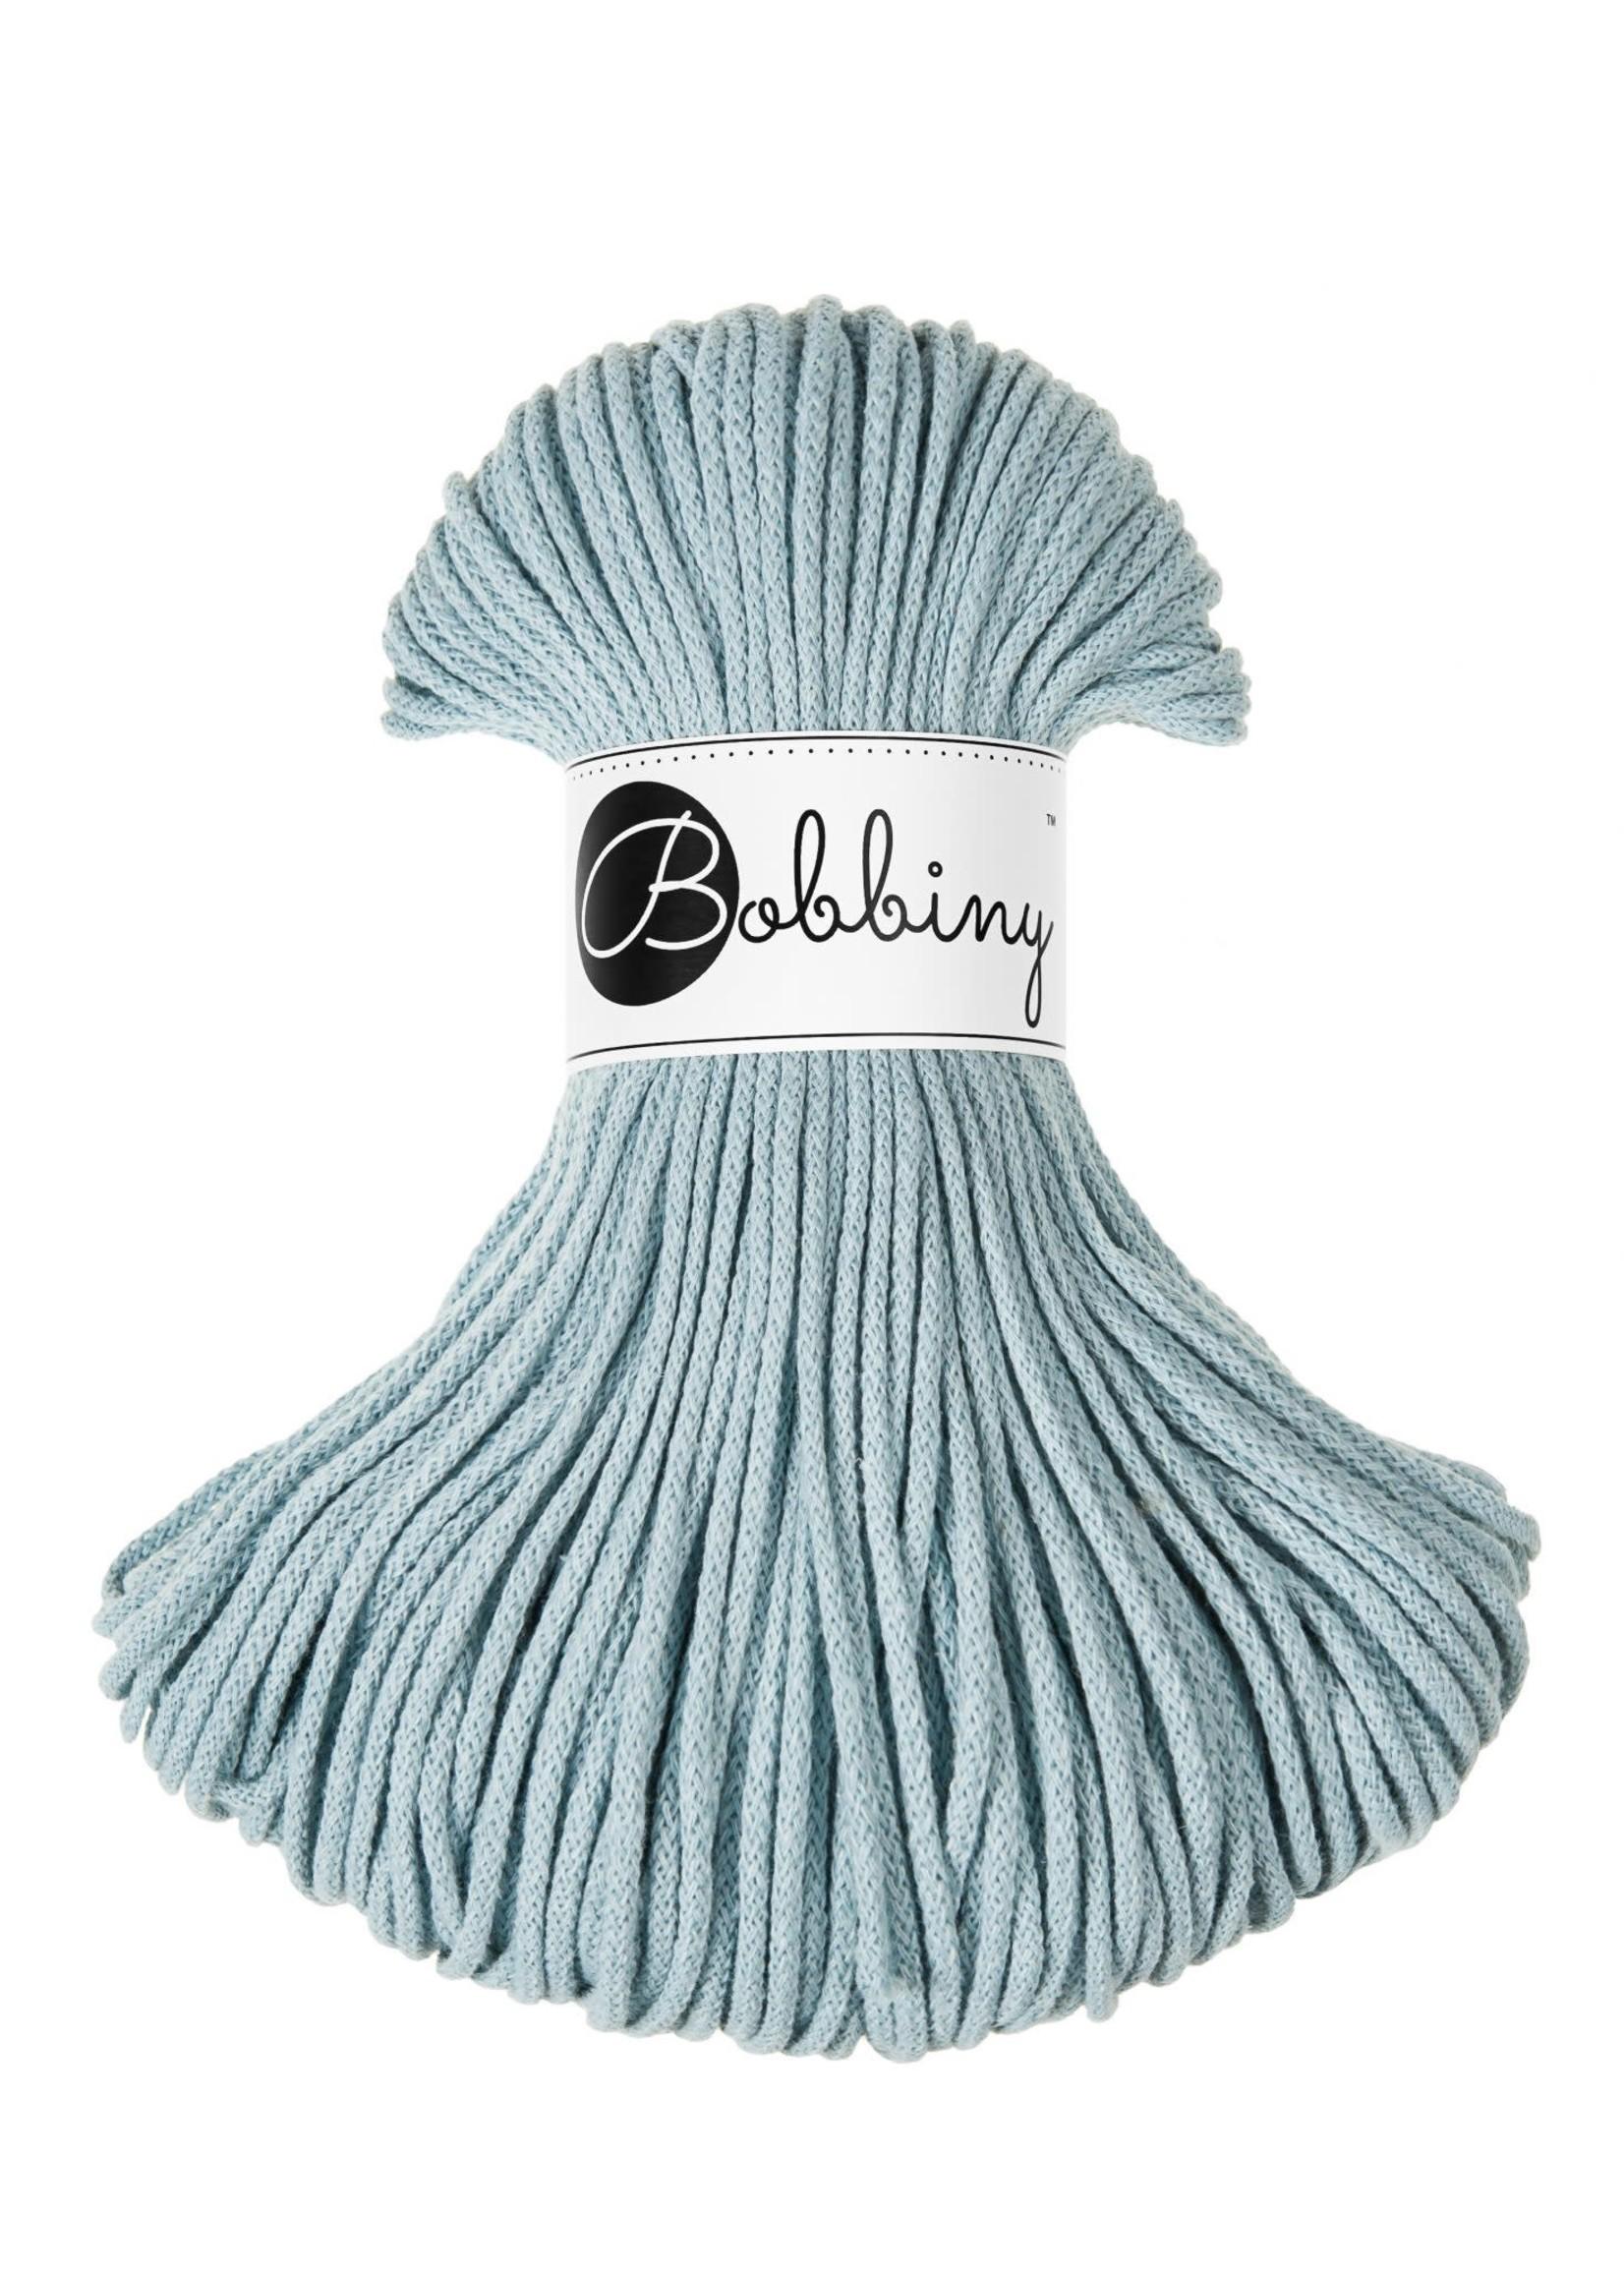 Bobbiny Bobbiny Junior - Misty